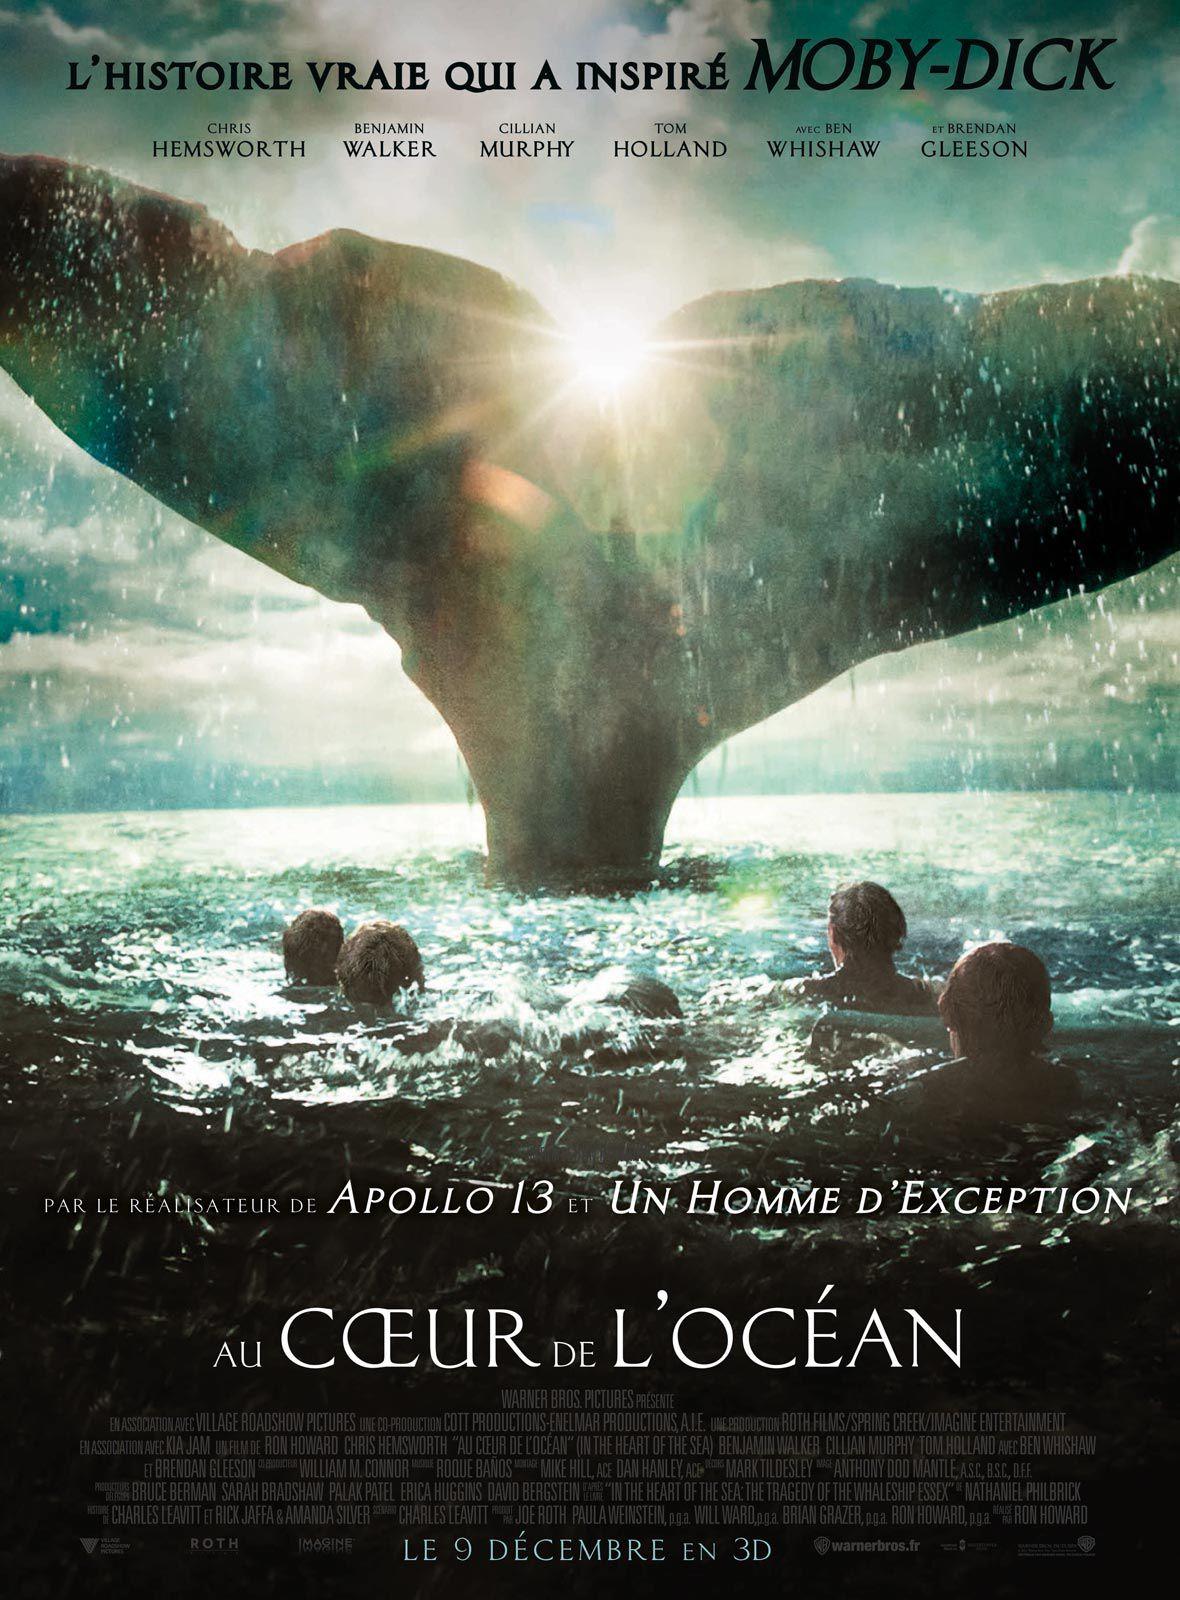 Au cœur de l'océan - Film (2015)